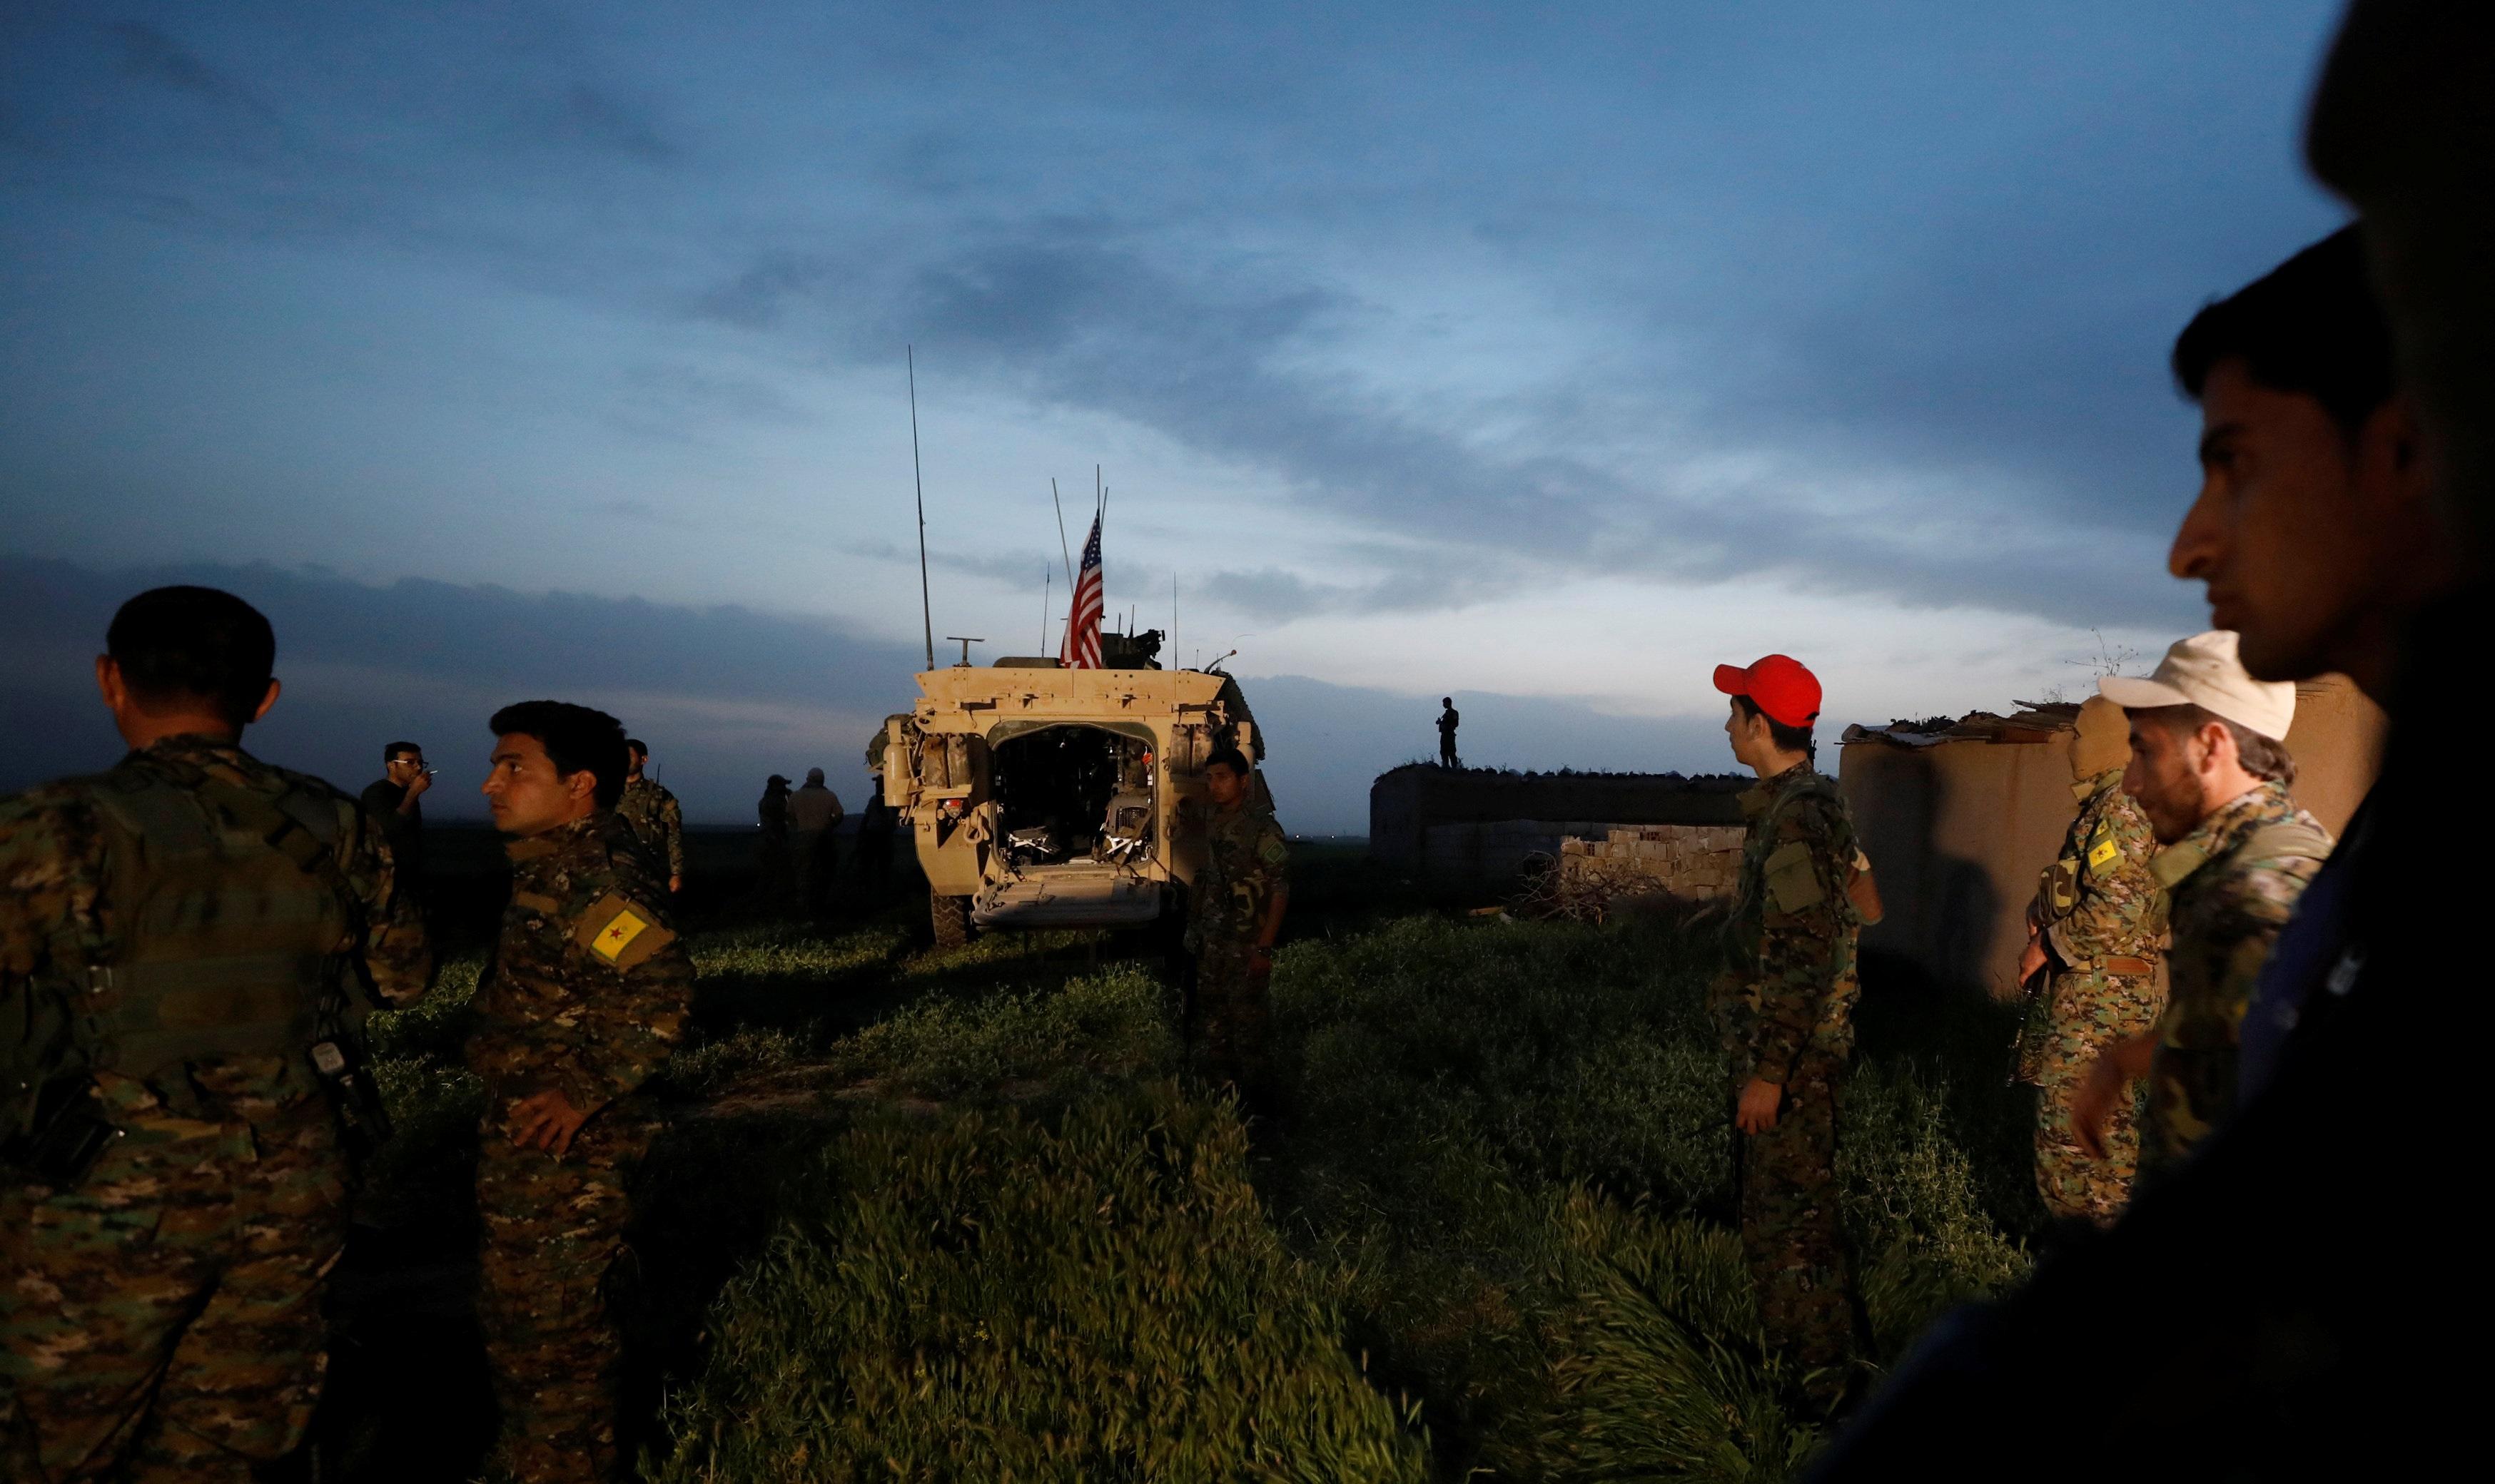 صورة سفير روسيا بدمشق: جيش أمريكي من الأكراد والدولة